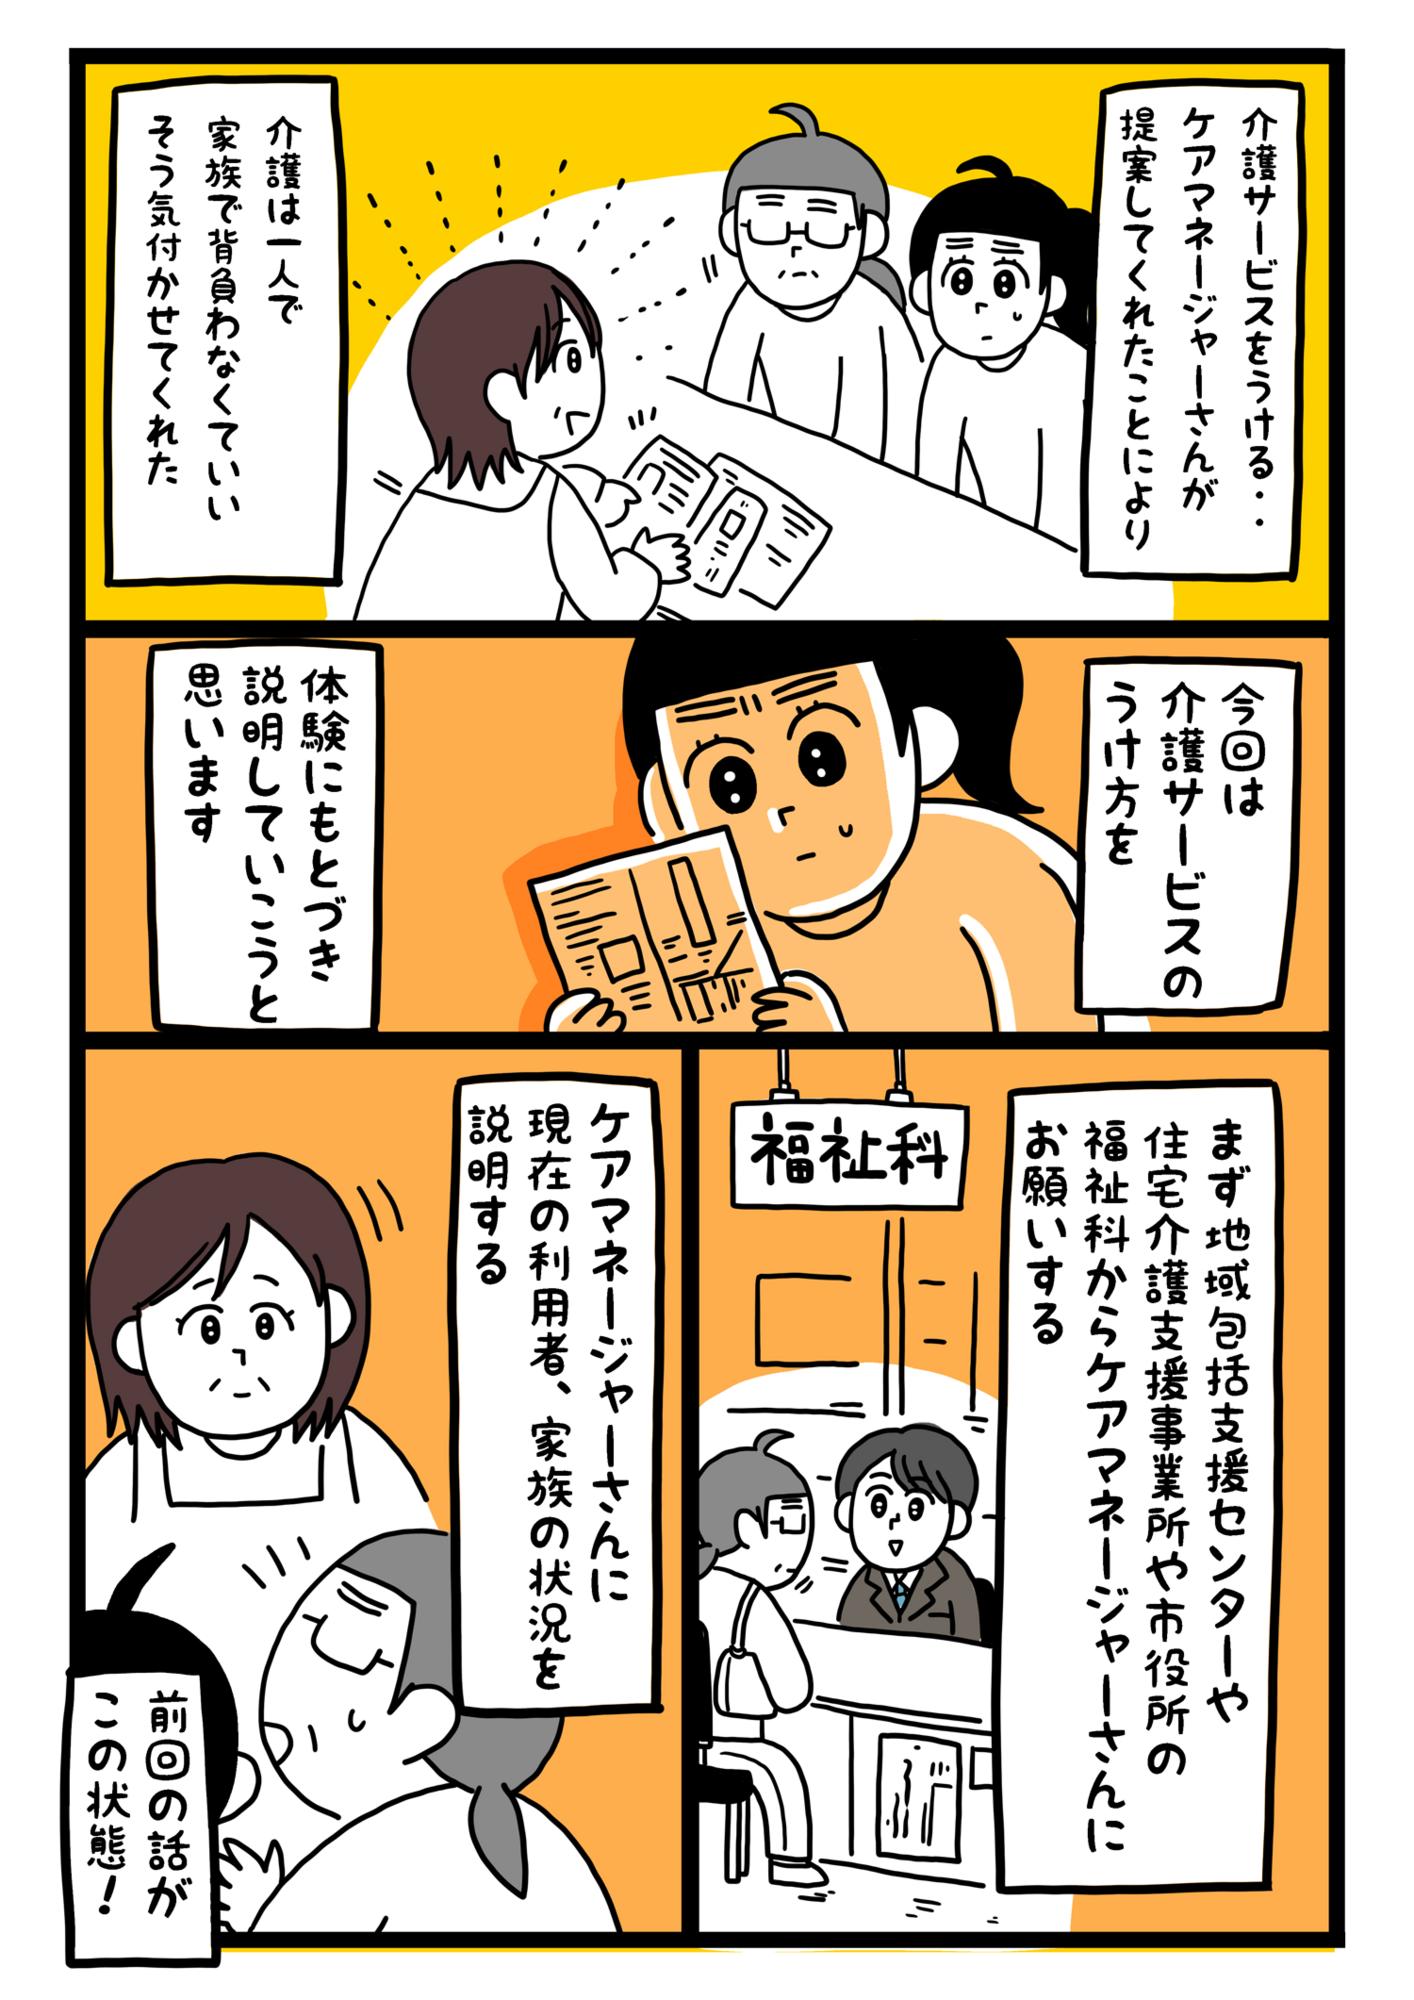 f:id:kakijiro:20180309070853p:plain